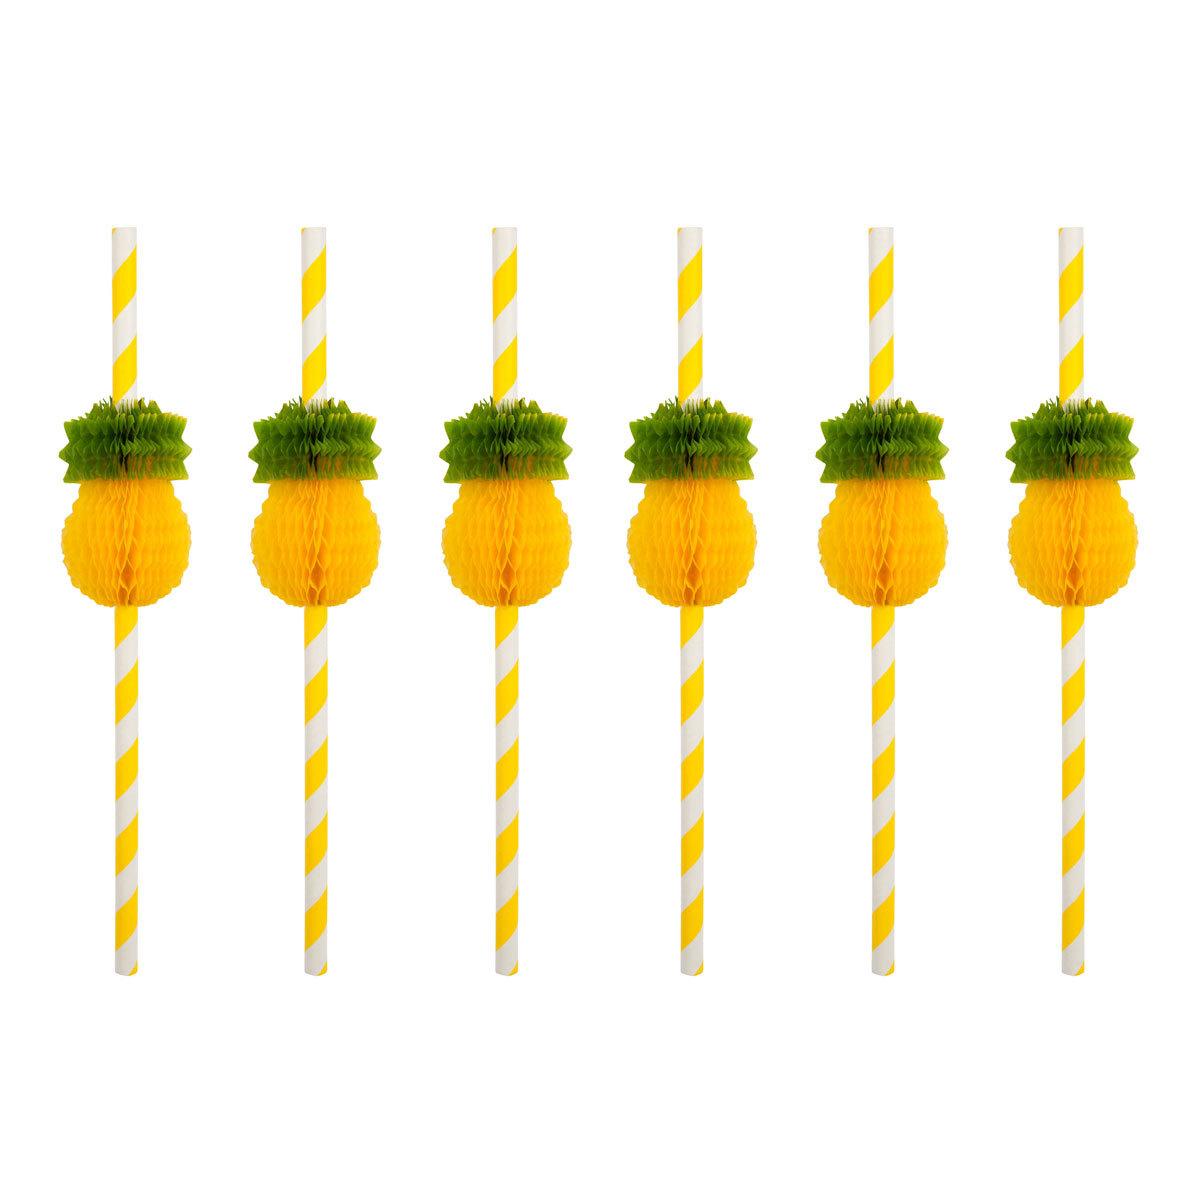 Anniversaire & Fête Lot de 12 pailles Ananas Lot de 12 pailles Ananas